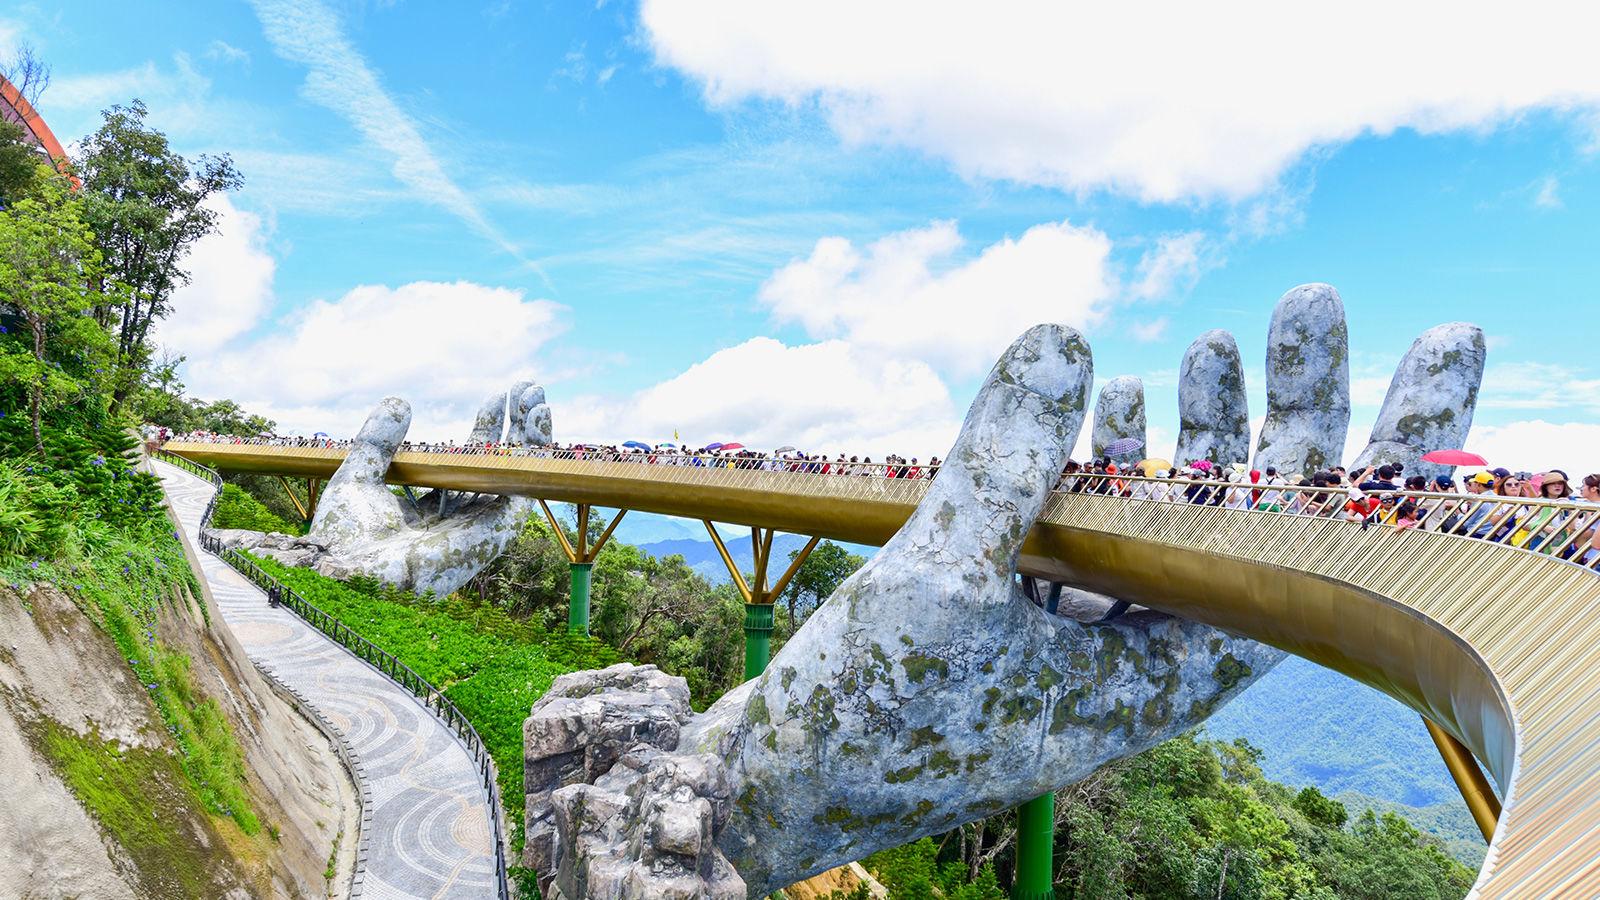 The Gold Bridge, Vietnam